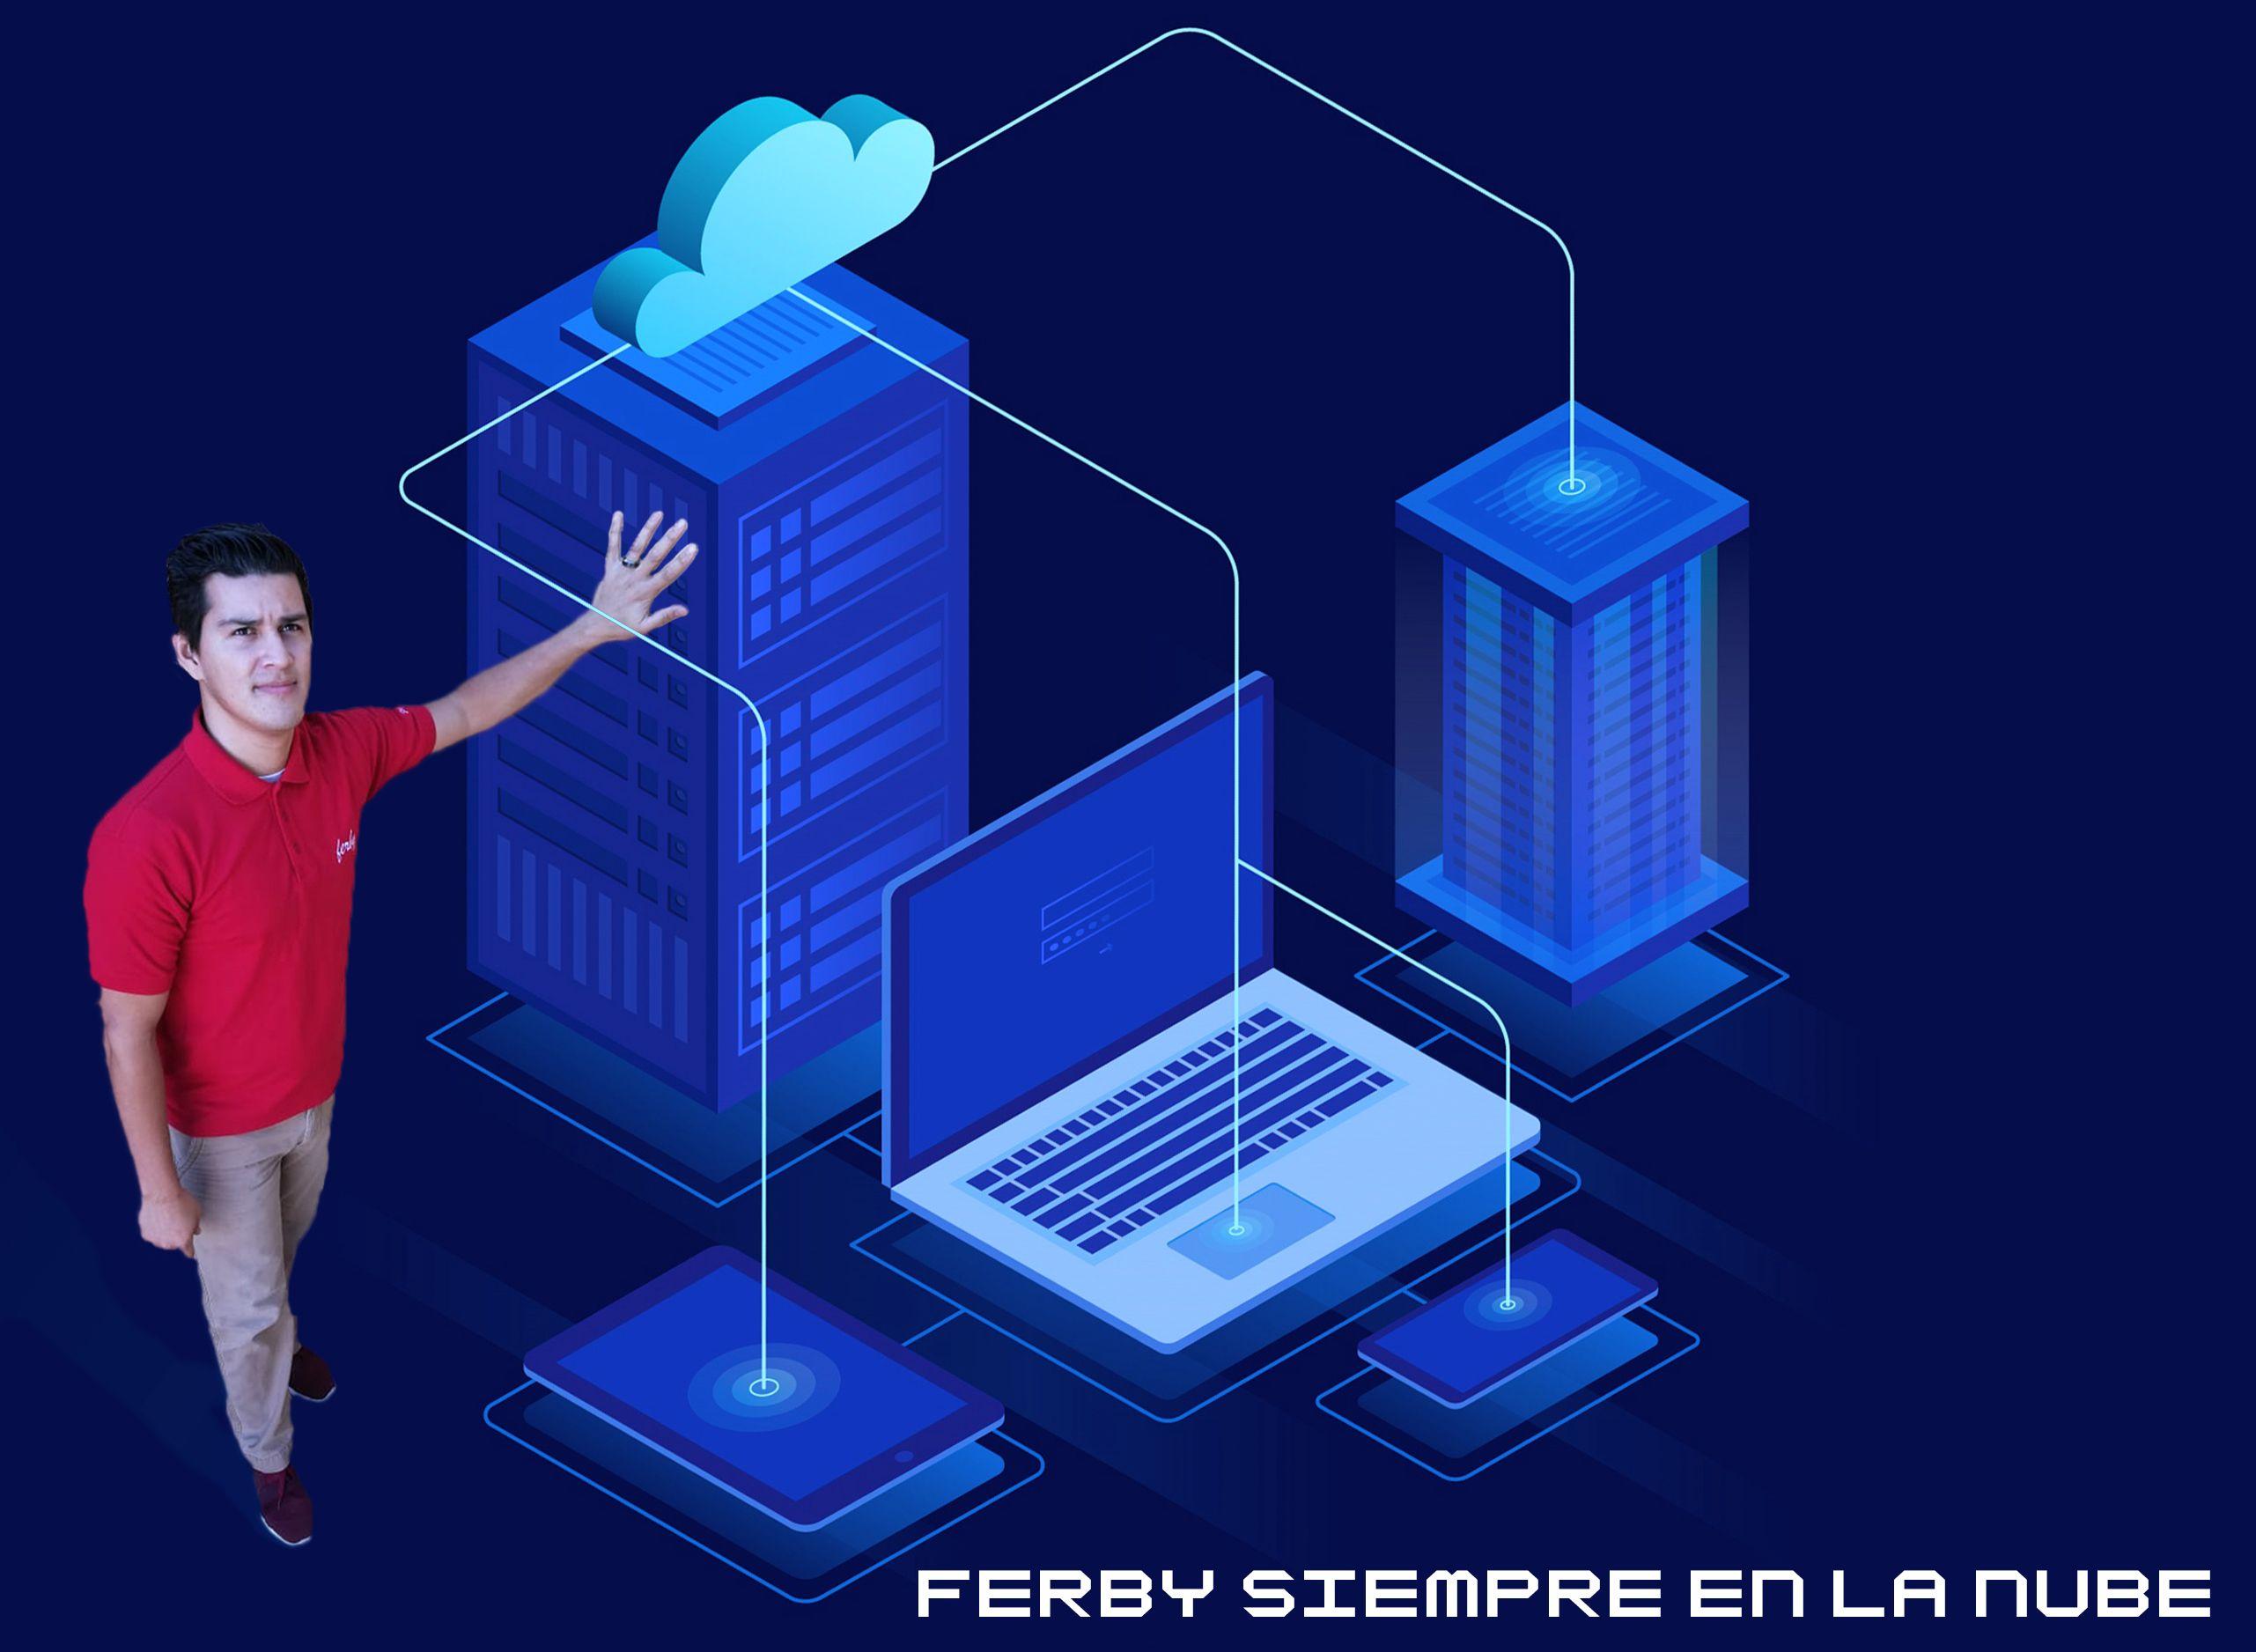 Servicios en la nube por Ferby